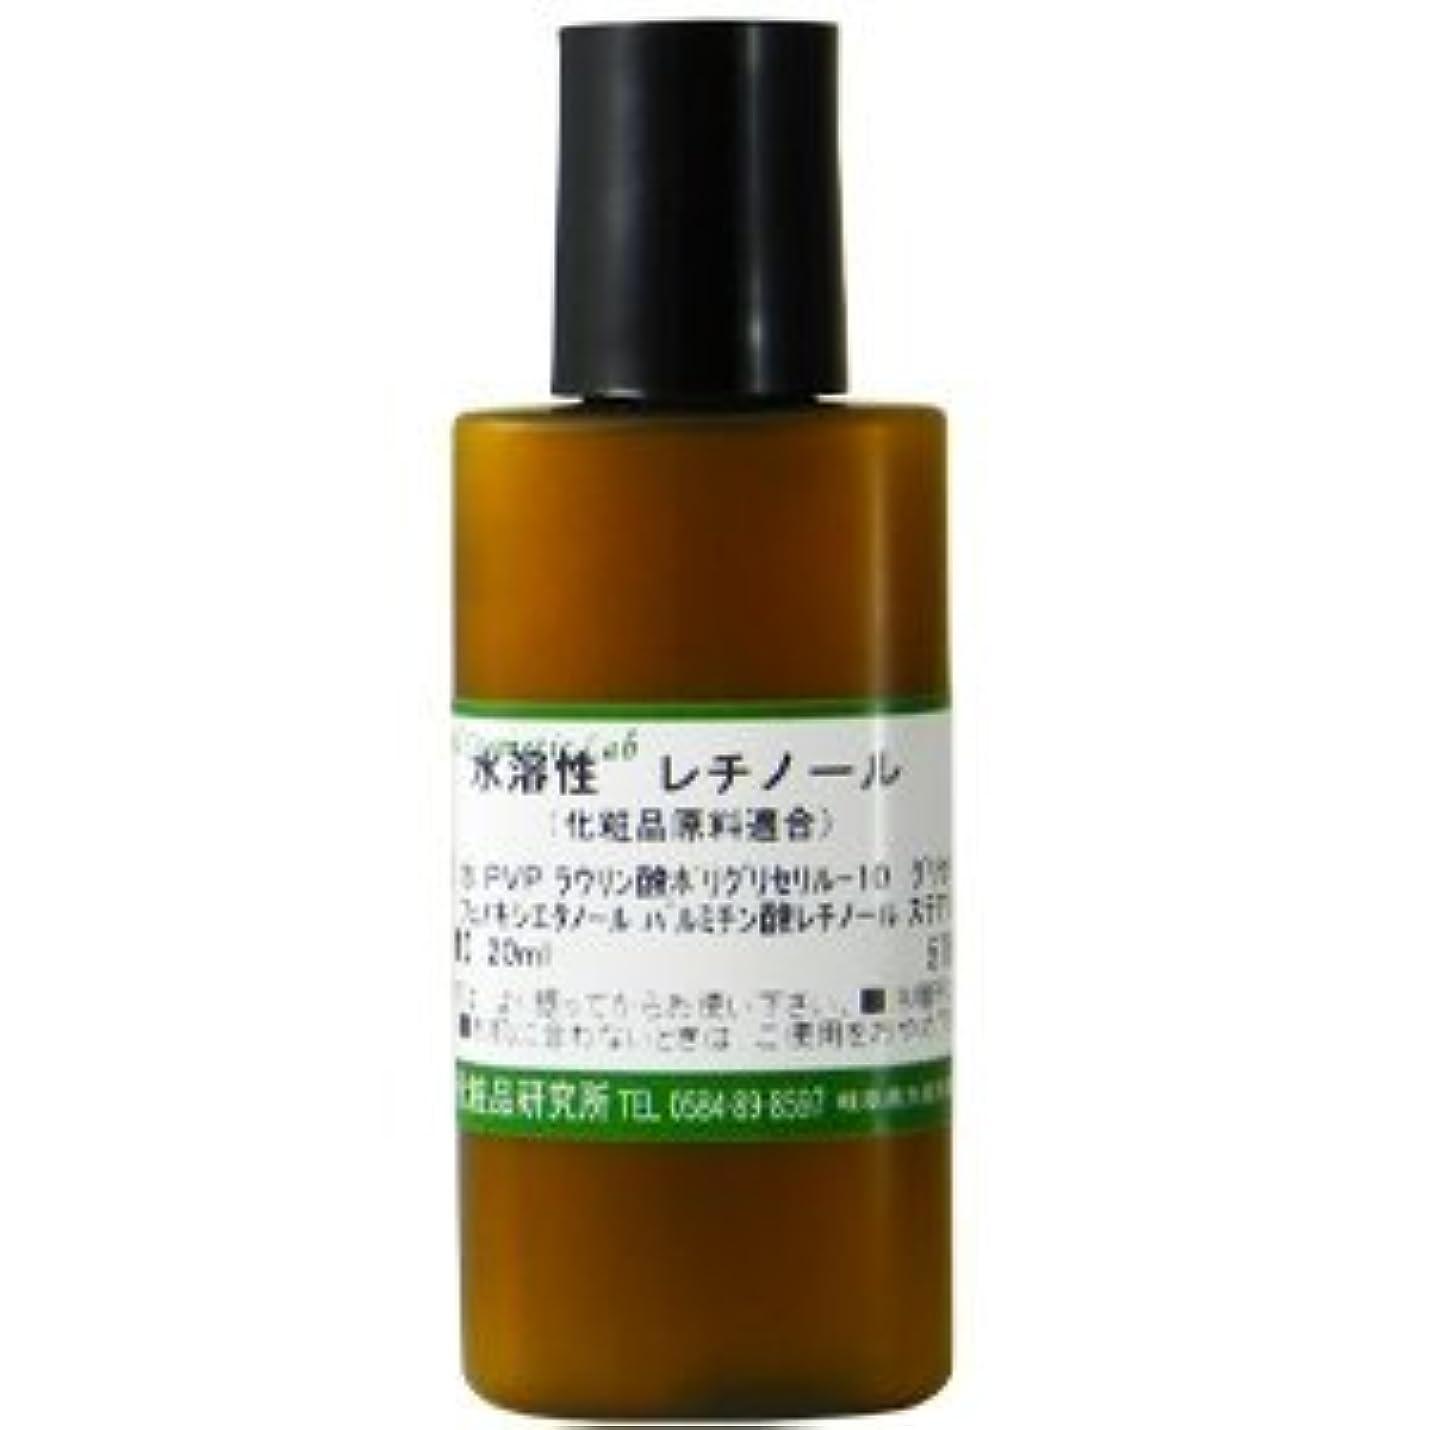 安定した開示する歌う水溶性 レチノール 化粧品原料 20ml